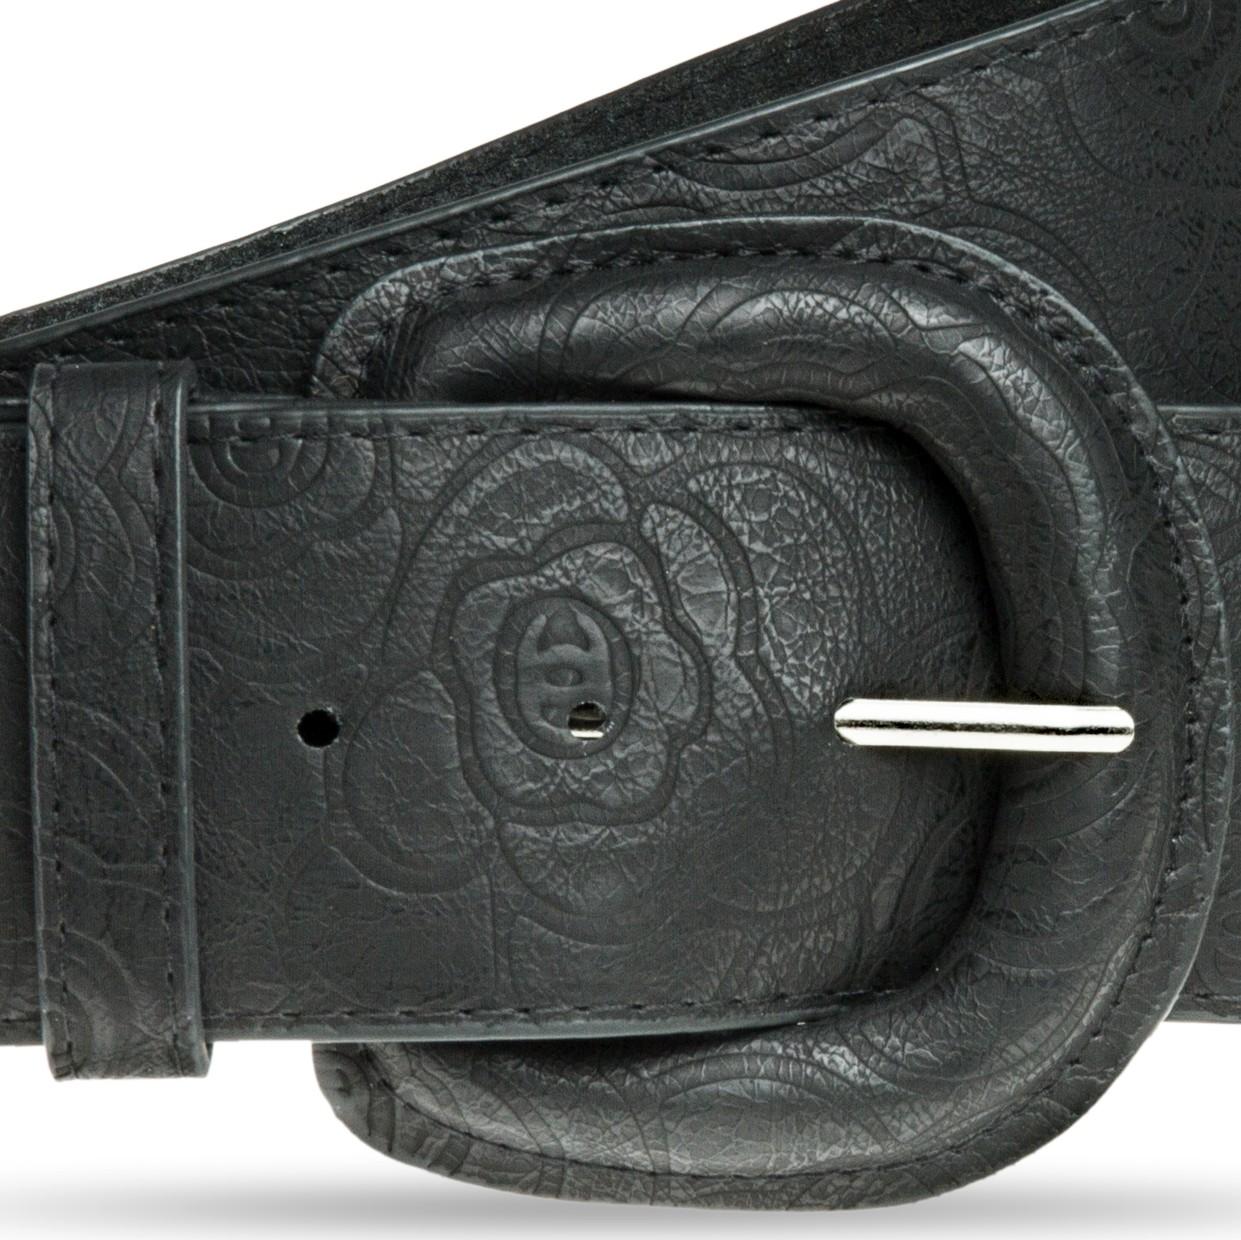 caspar gu295 damen breiter g rtel tailleng rtel mit. Black Bedroom Furniture Sets. Home Design Ideas